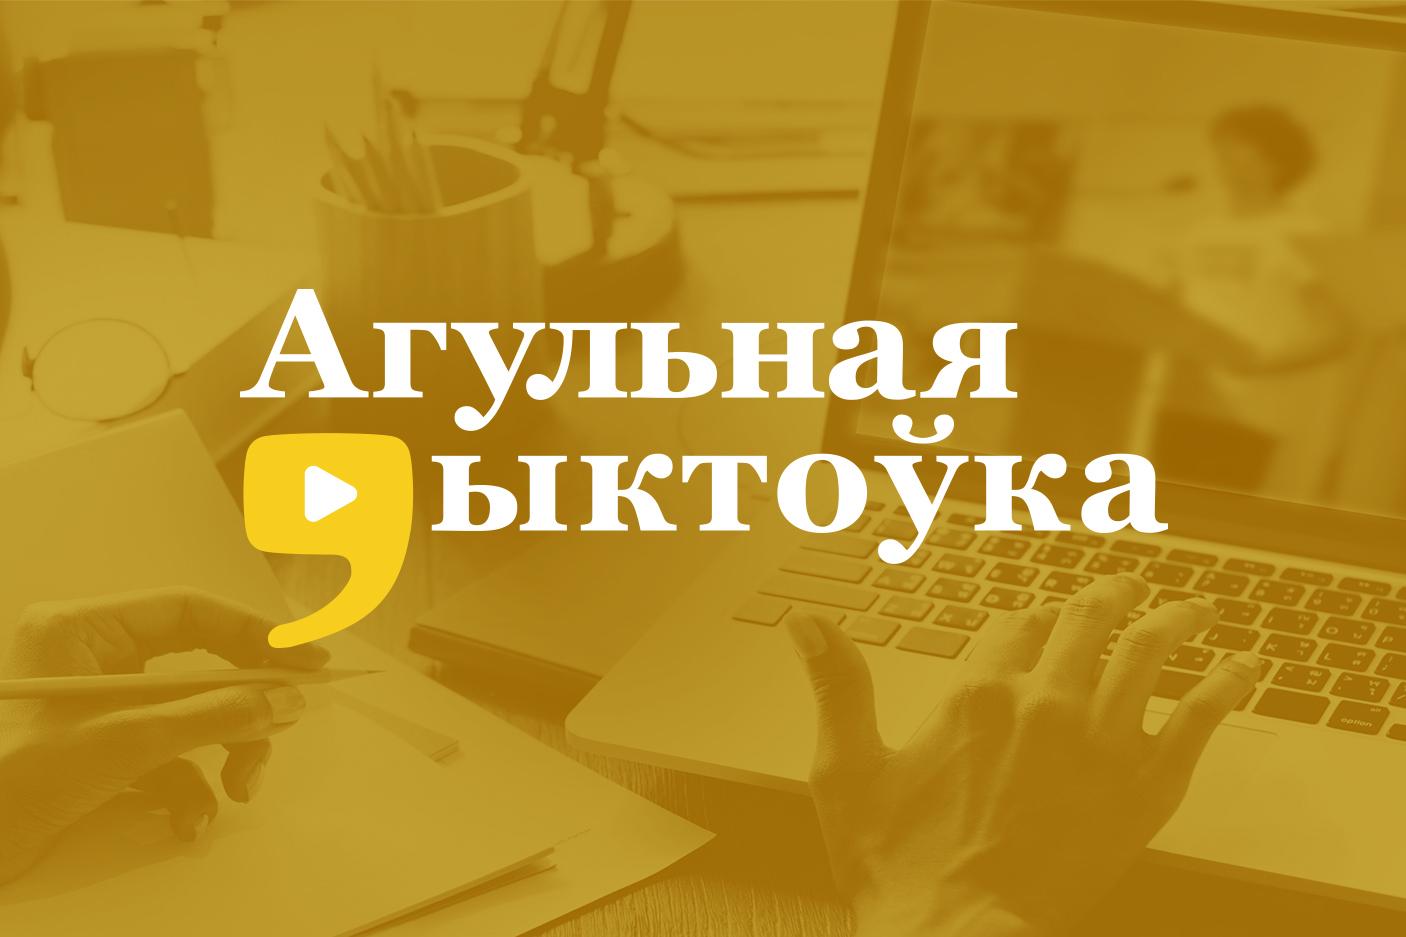 Участники «Агульнай дыктоўкi» внести вклад в борьбу с коронавирусом